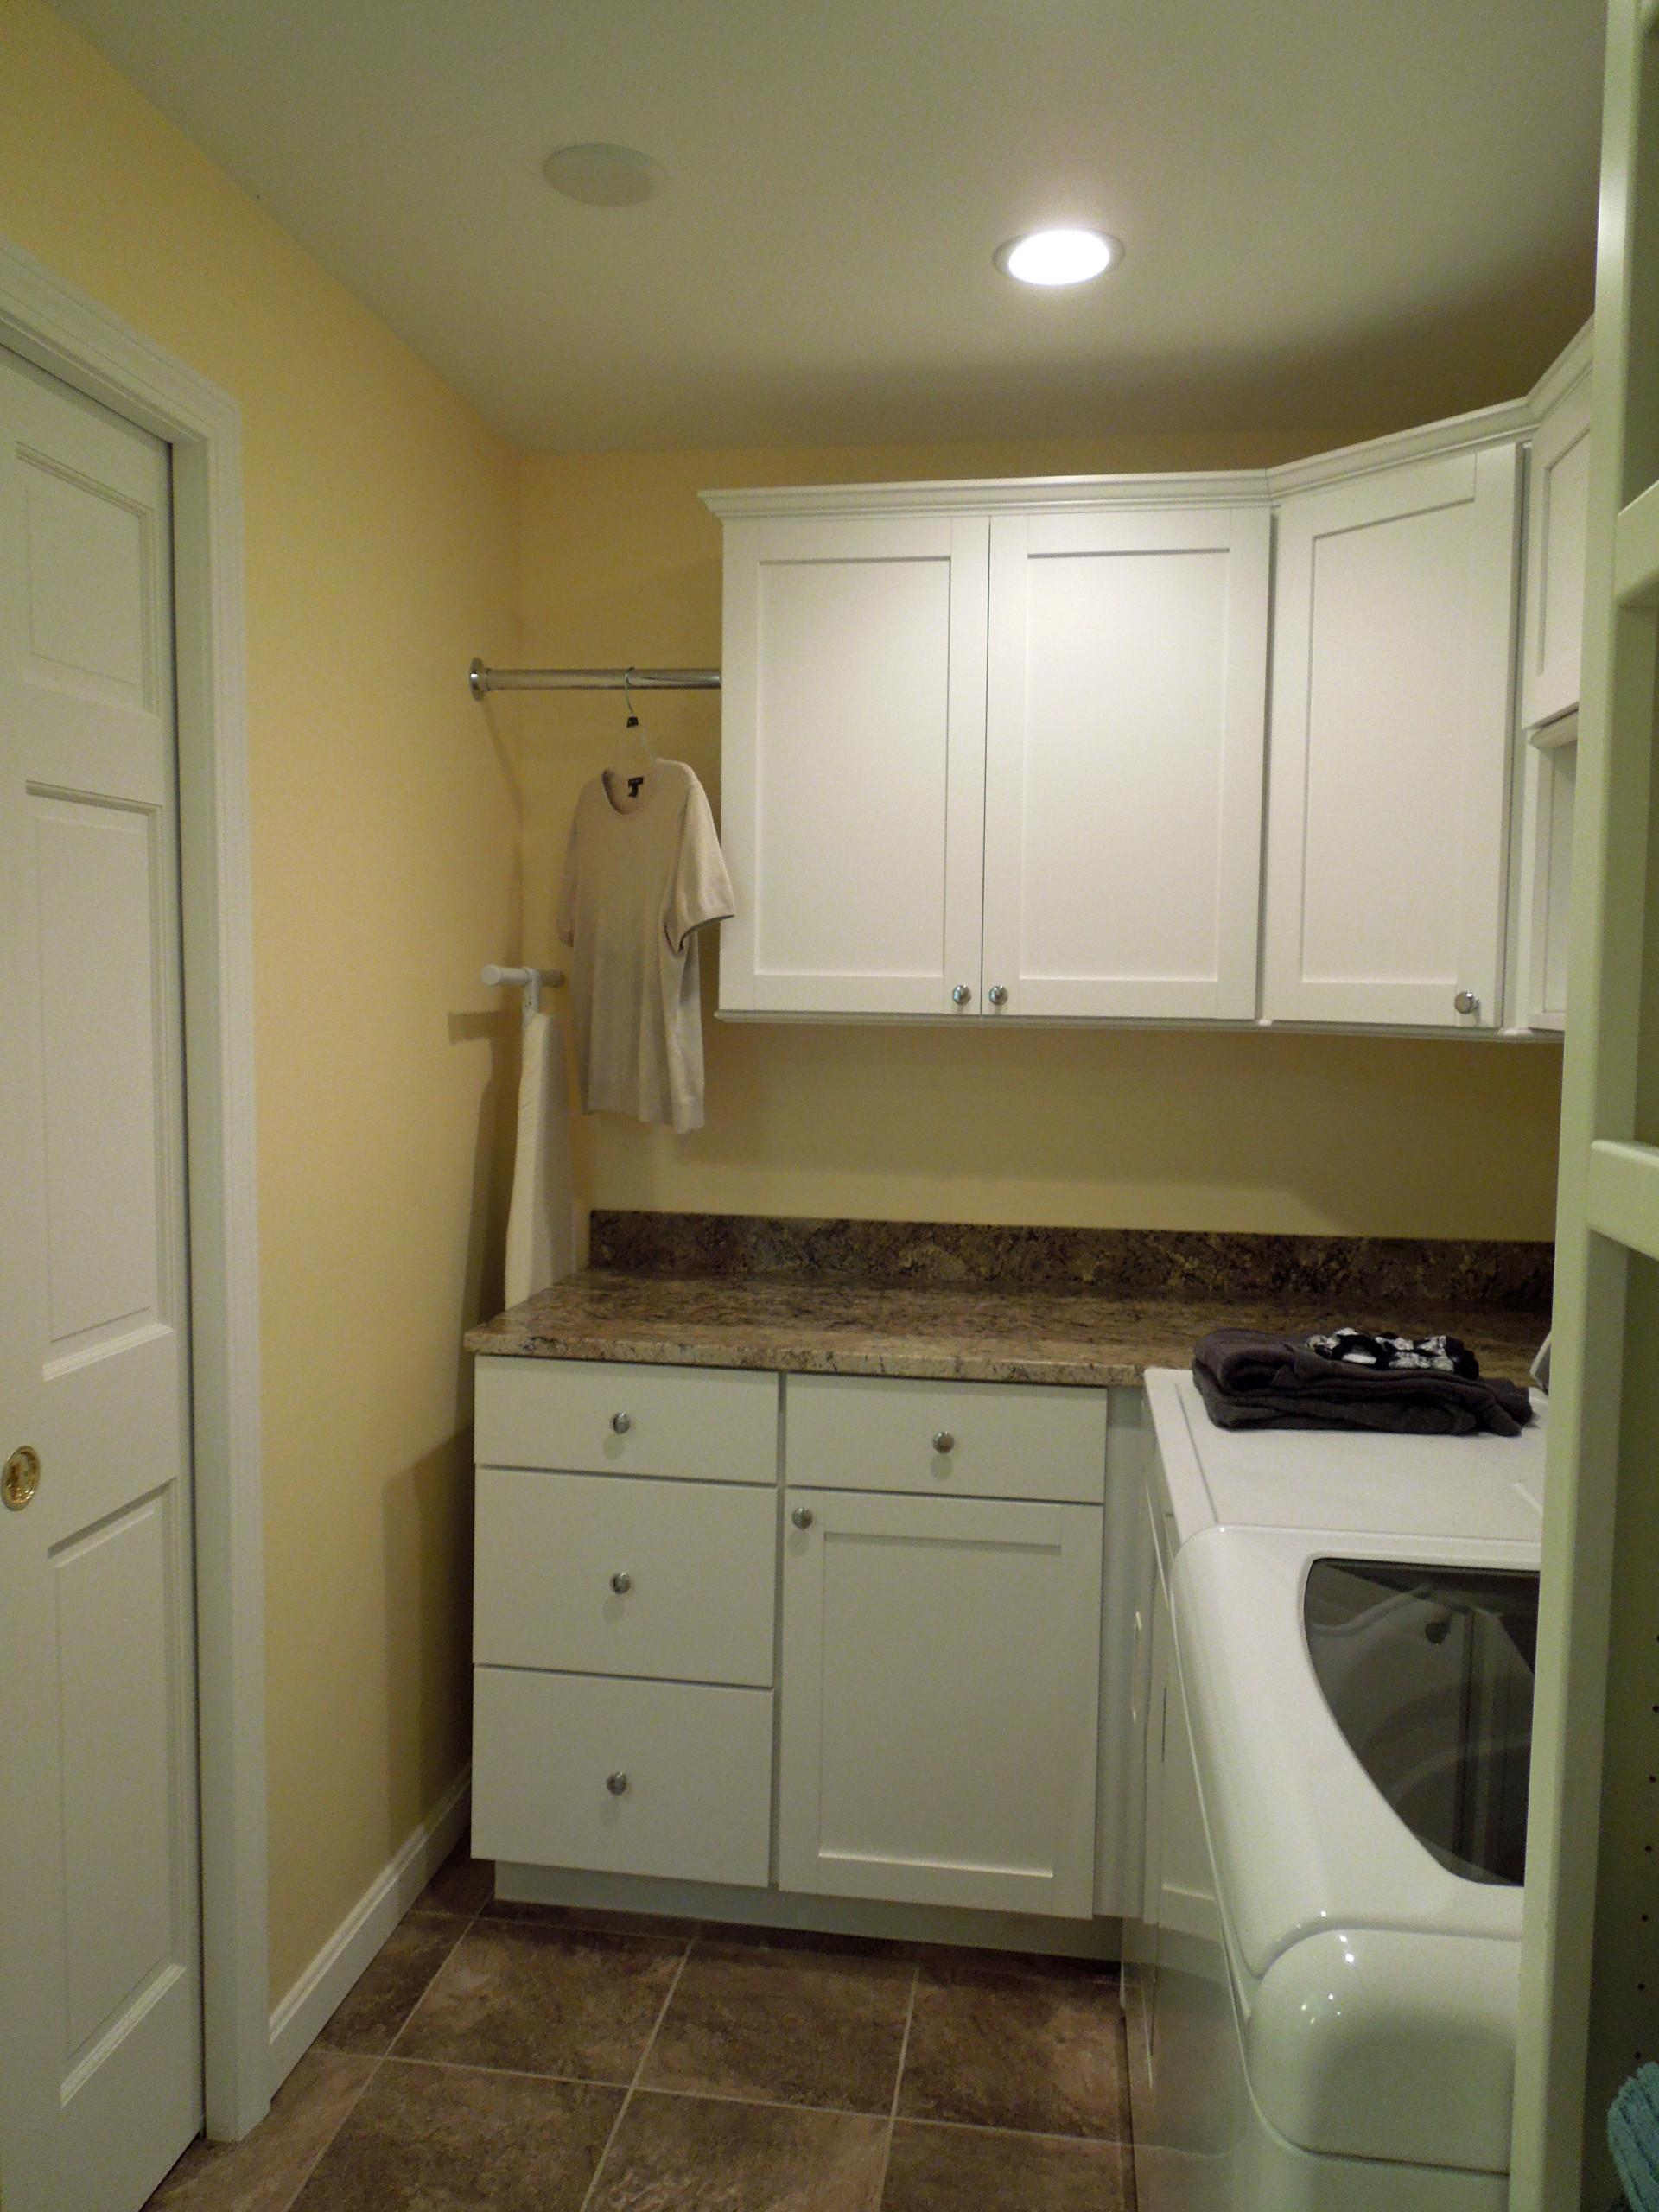 Luxe Laundry... a dream come true!